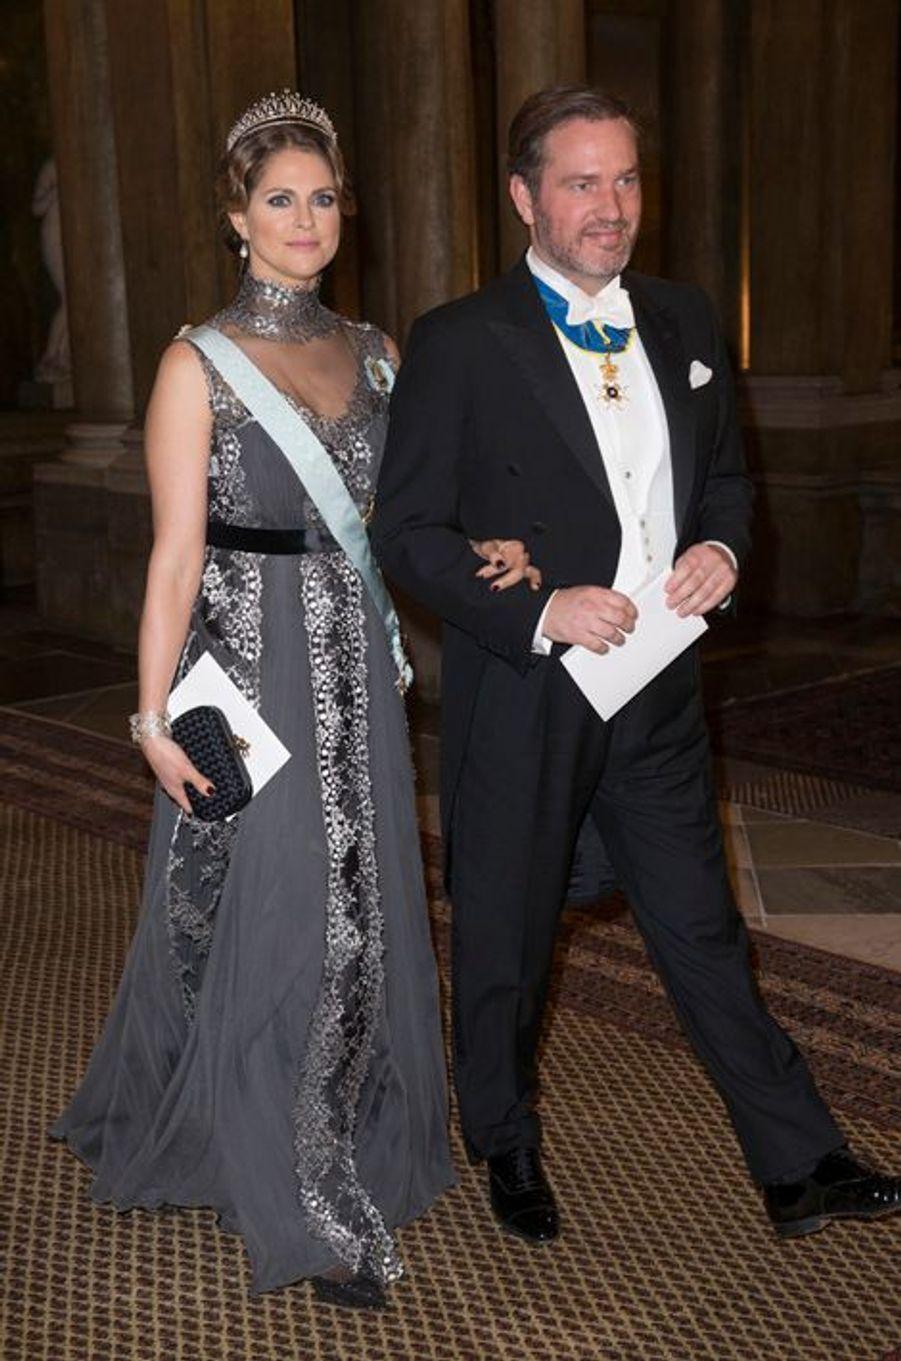 La princesse Madeleine de Suède avec Christopher O'Neill, le 11 décembre 2015